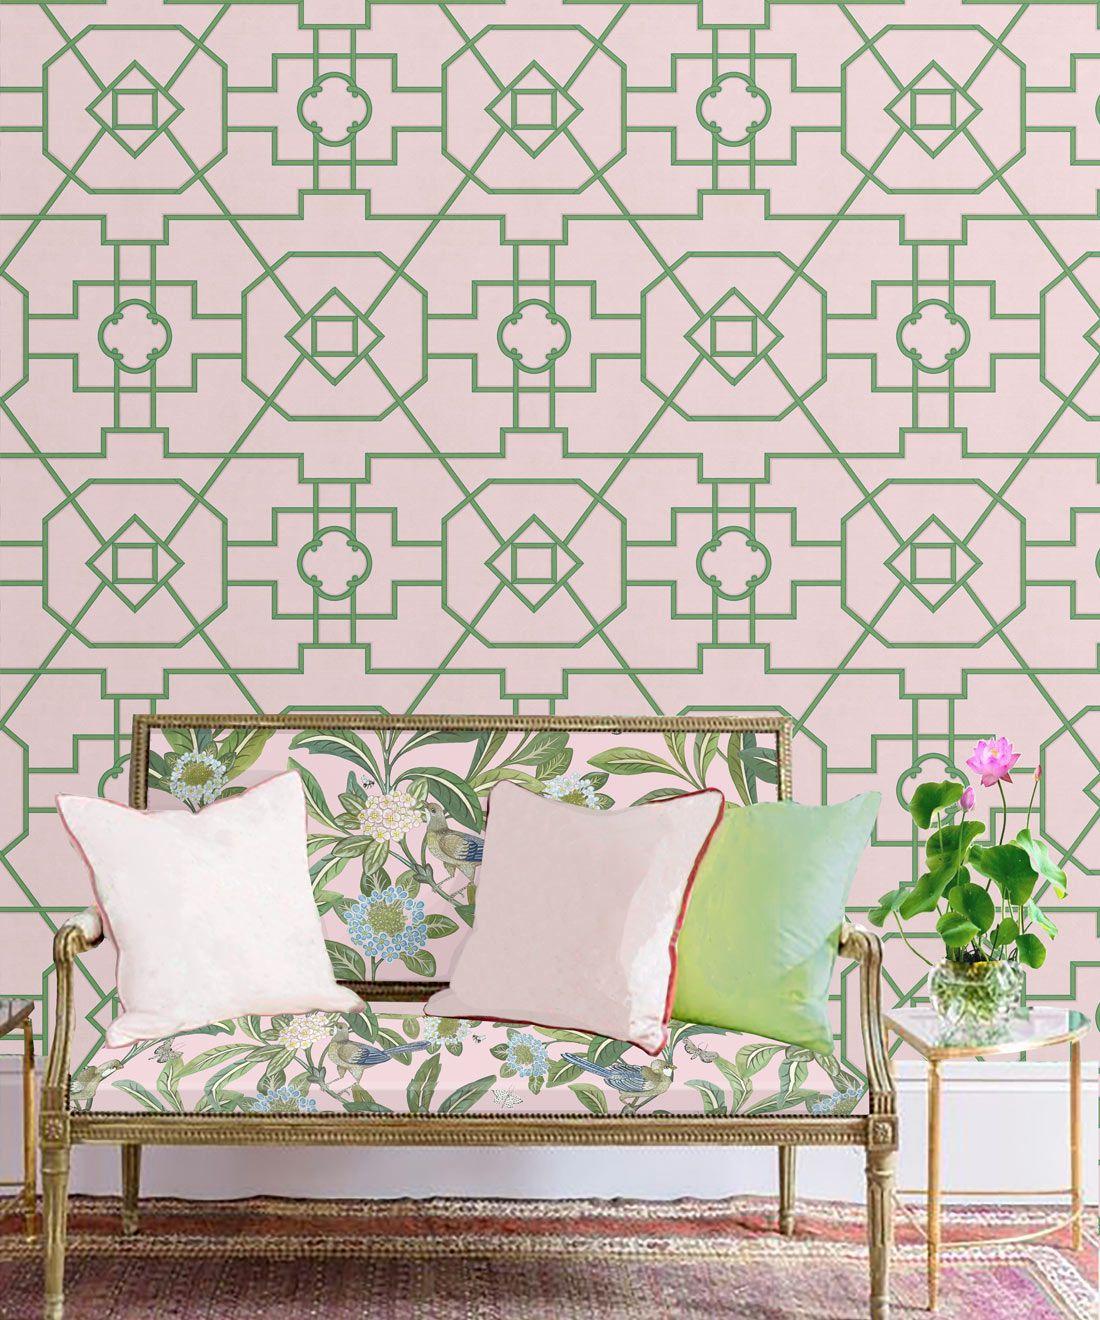 Trellis Wallpaper • Geometric Wallpaper • Pink Wallpaper • Insitu